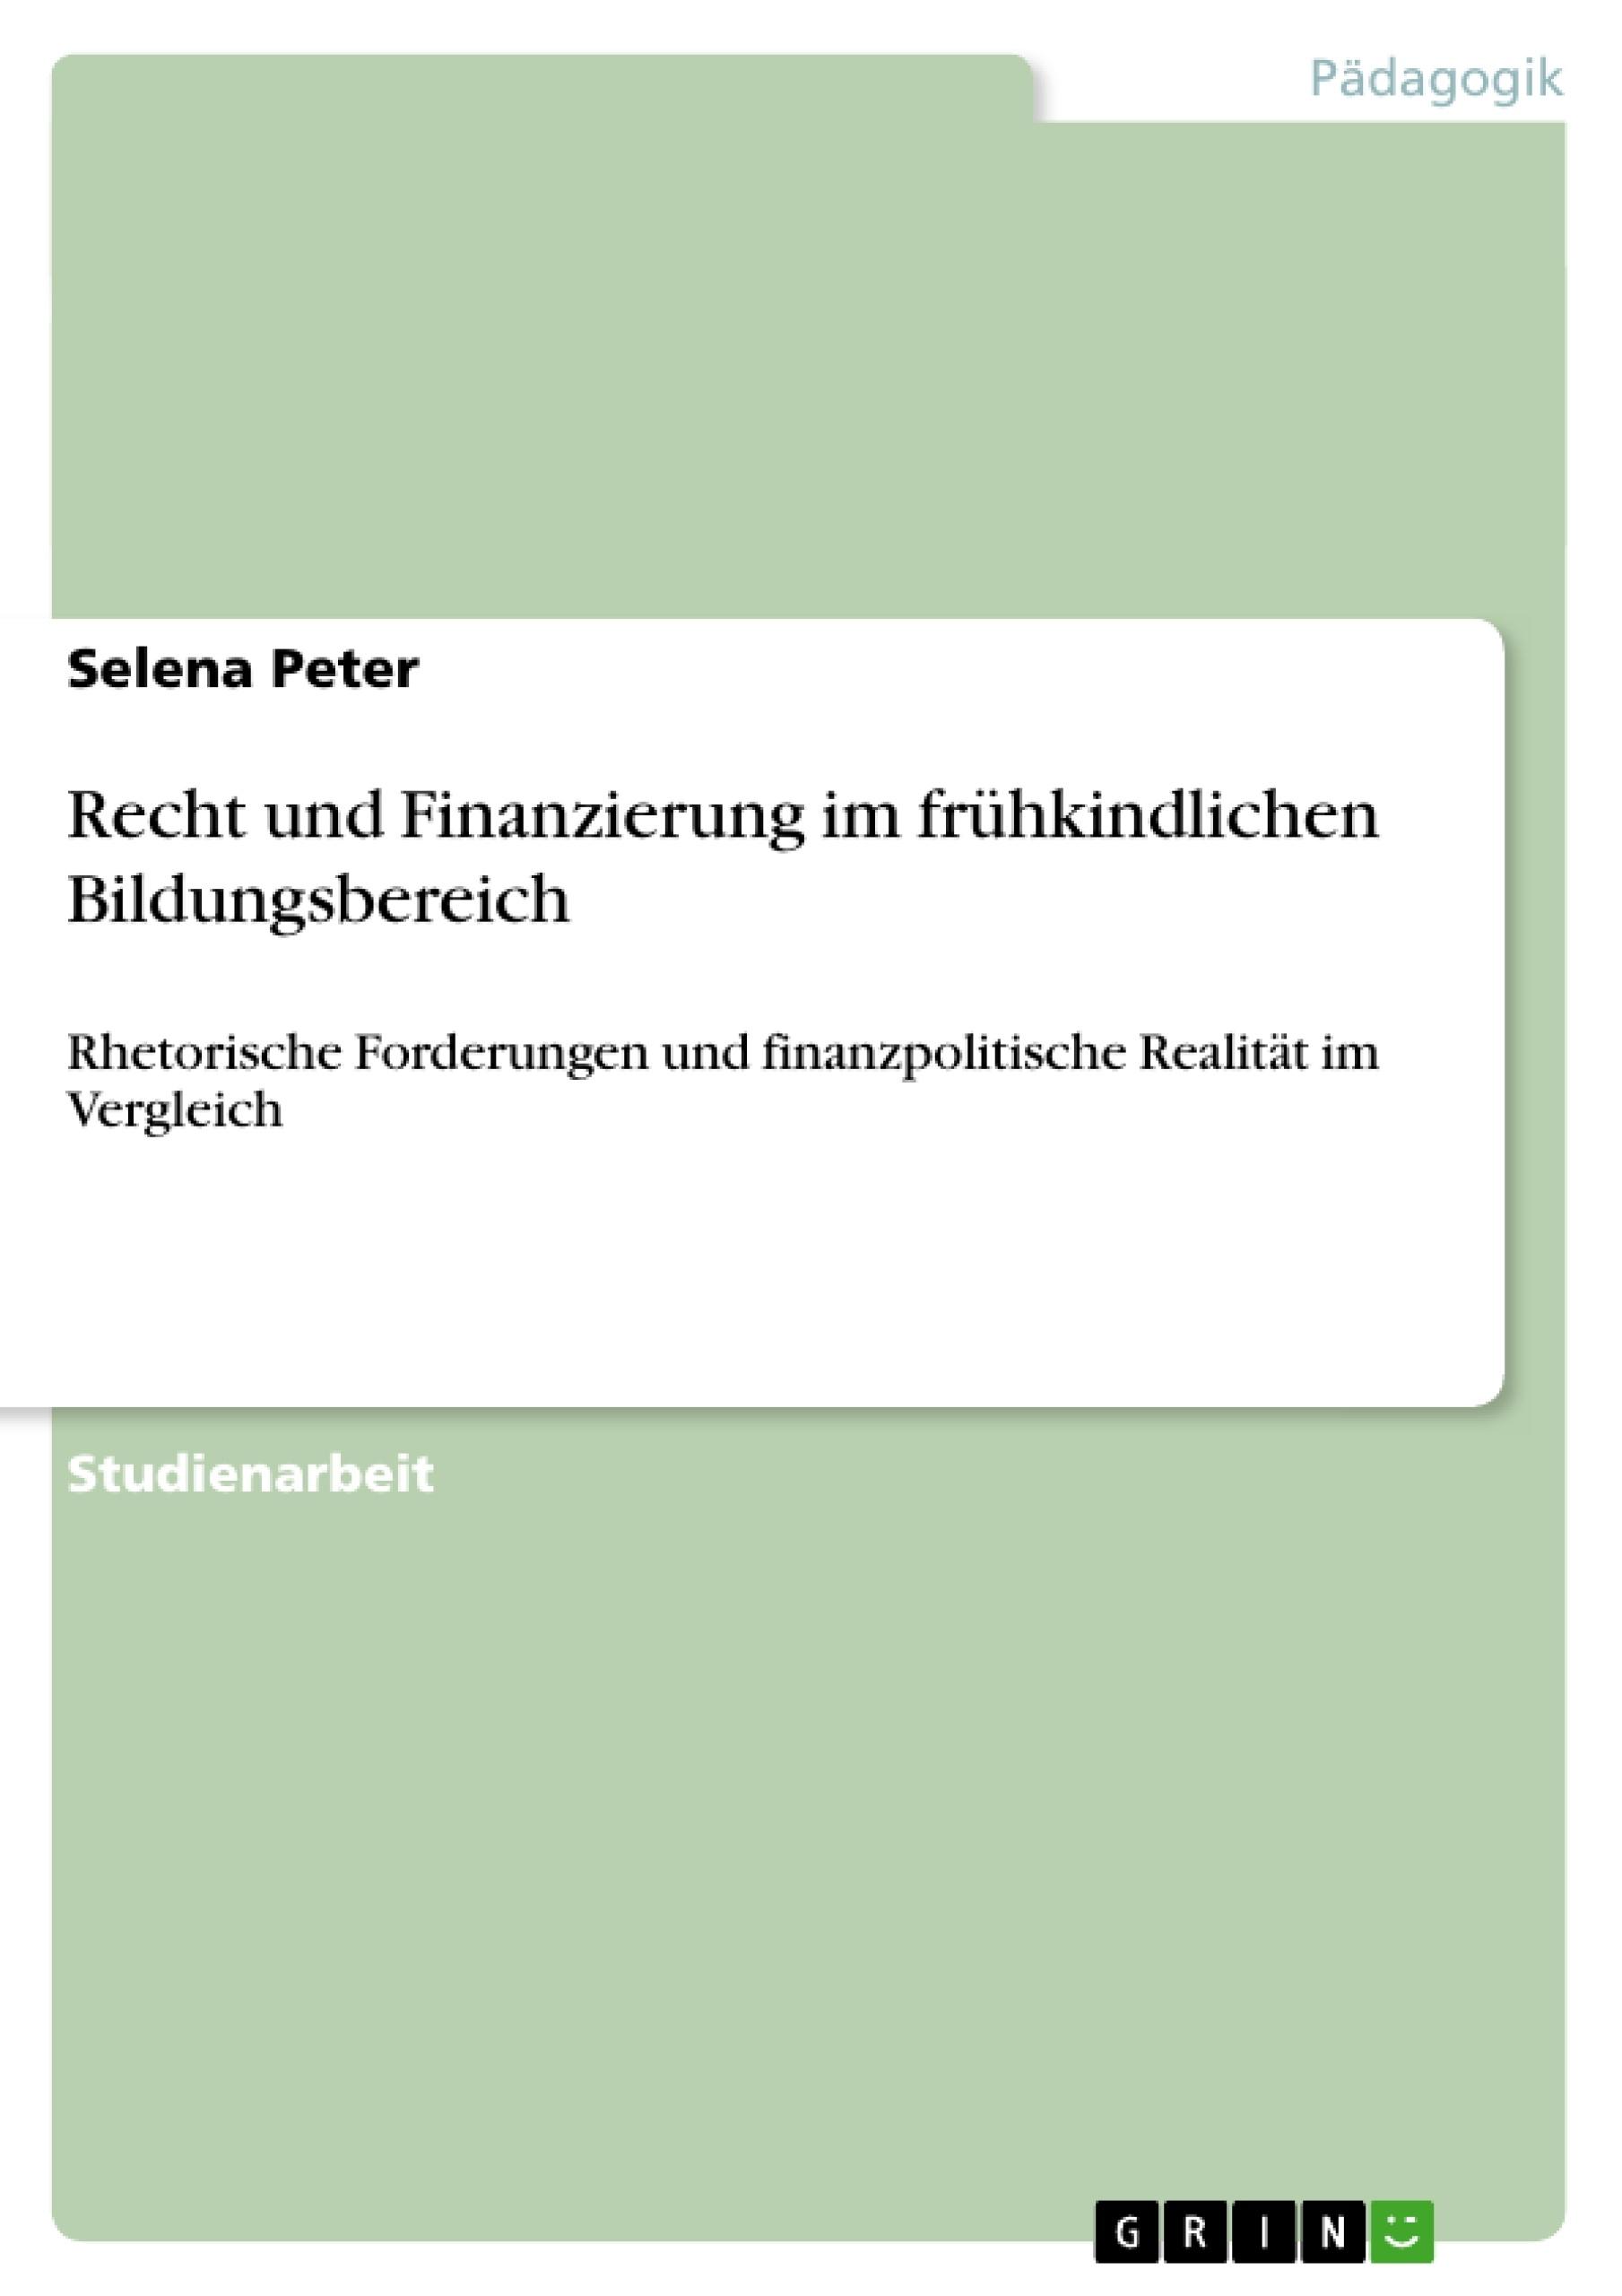 Titel: Recht und Finanzierung im frühkindlichen Bildungsbereich